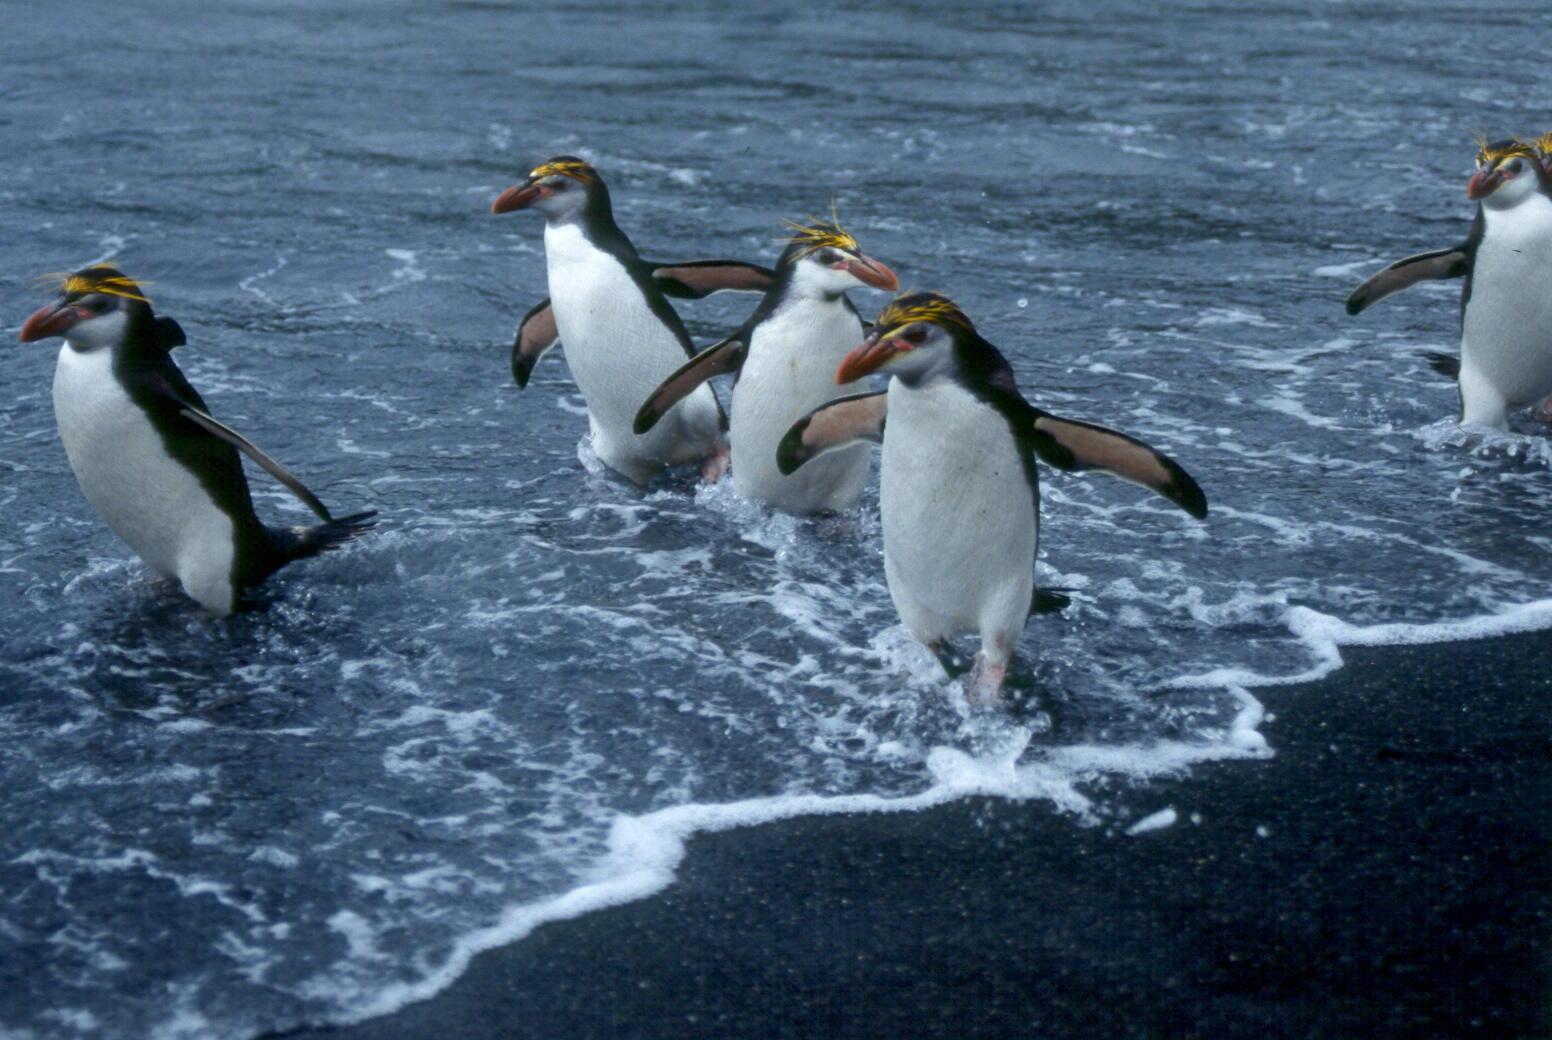 معلومات عن طائر البطريق وأين يجعل عشه Www.nogooom.com1412042258341